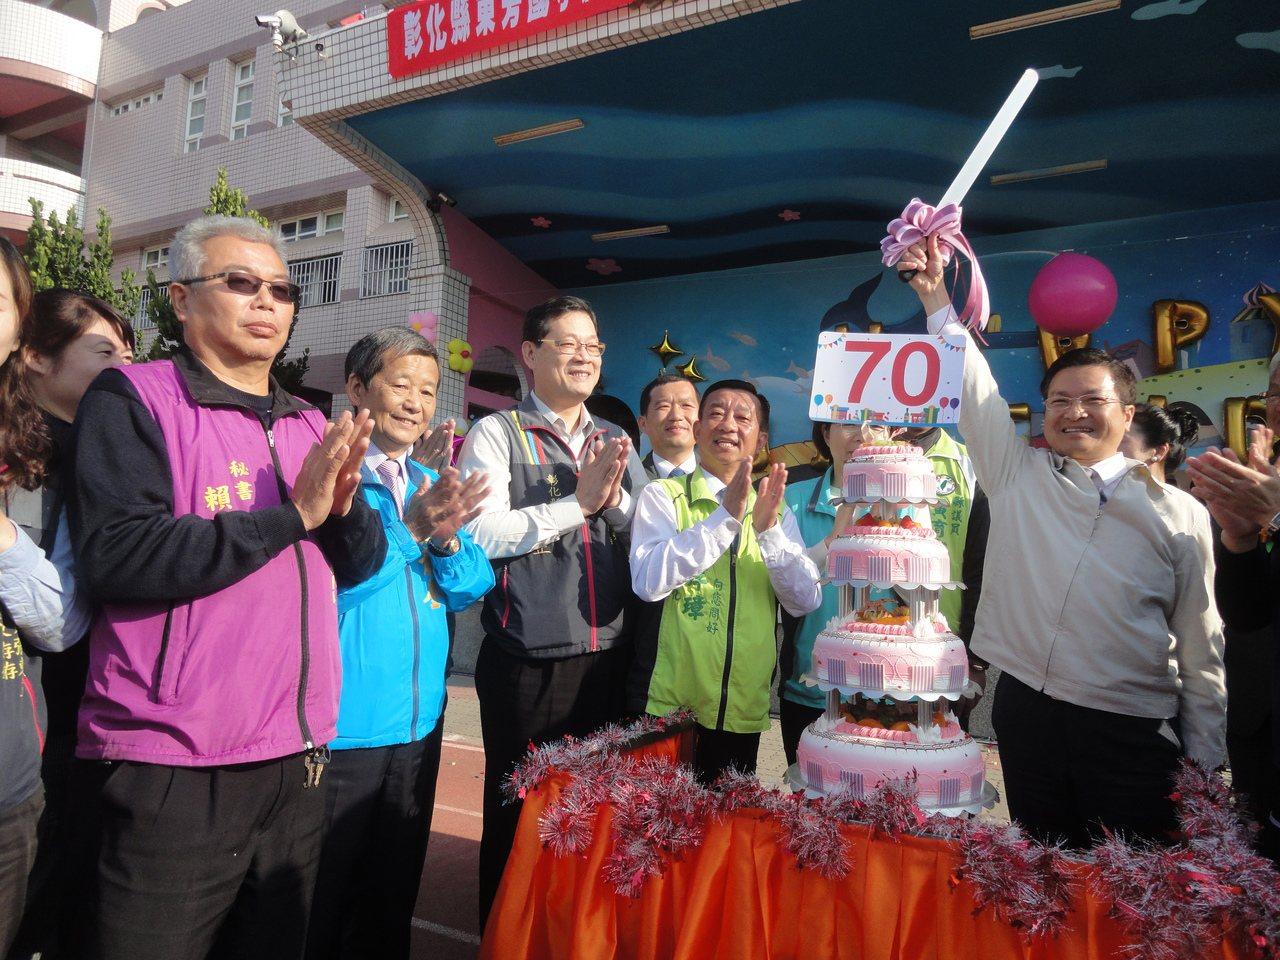 彰化縣東芳國小70歲生日,縣長魏明谷(右)主持切蛋糕儀式。記者簡慧珍/攝影